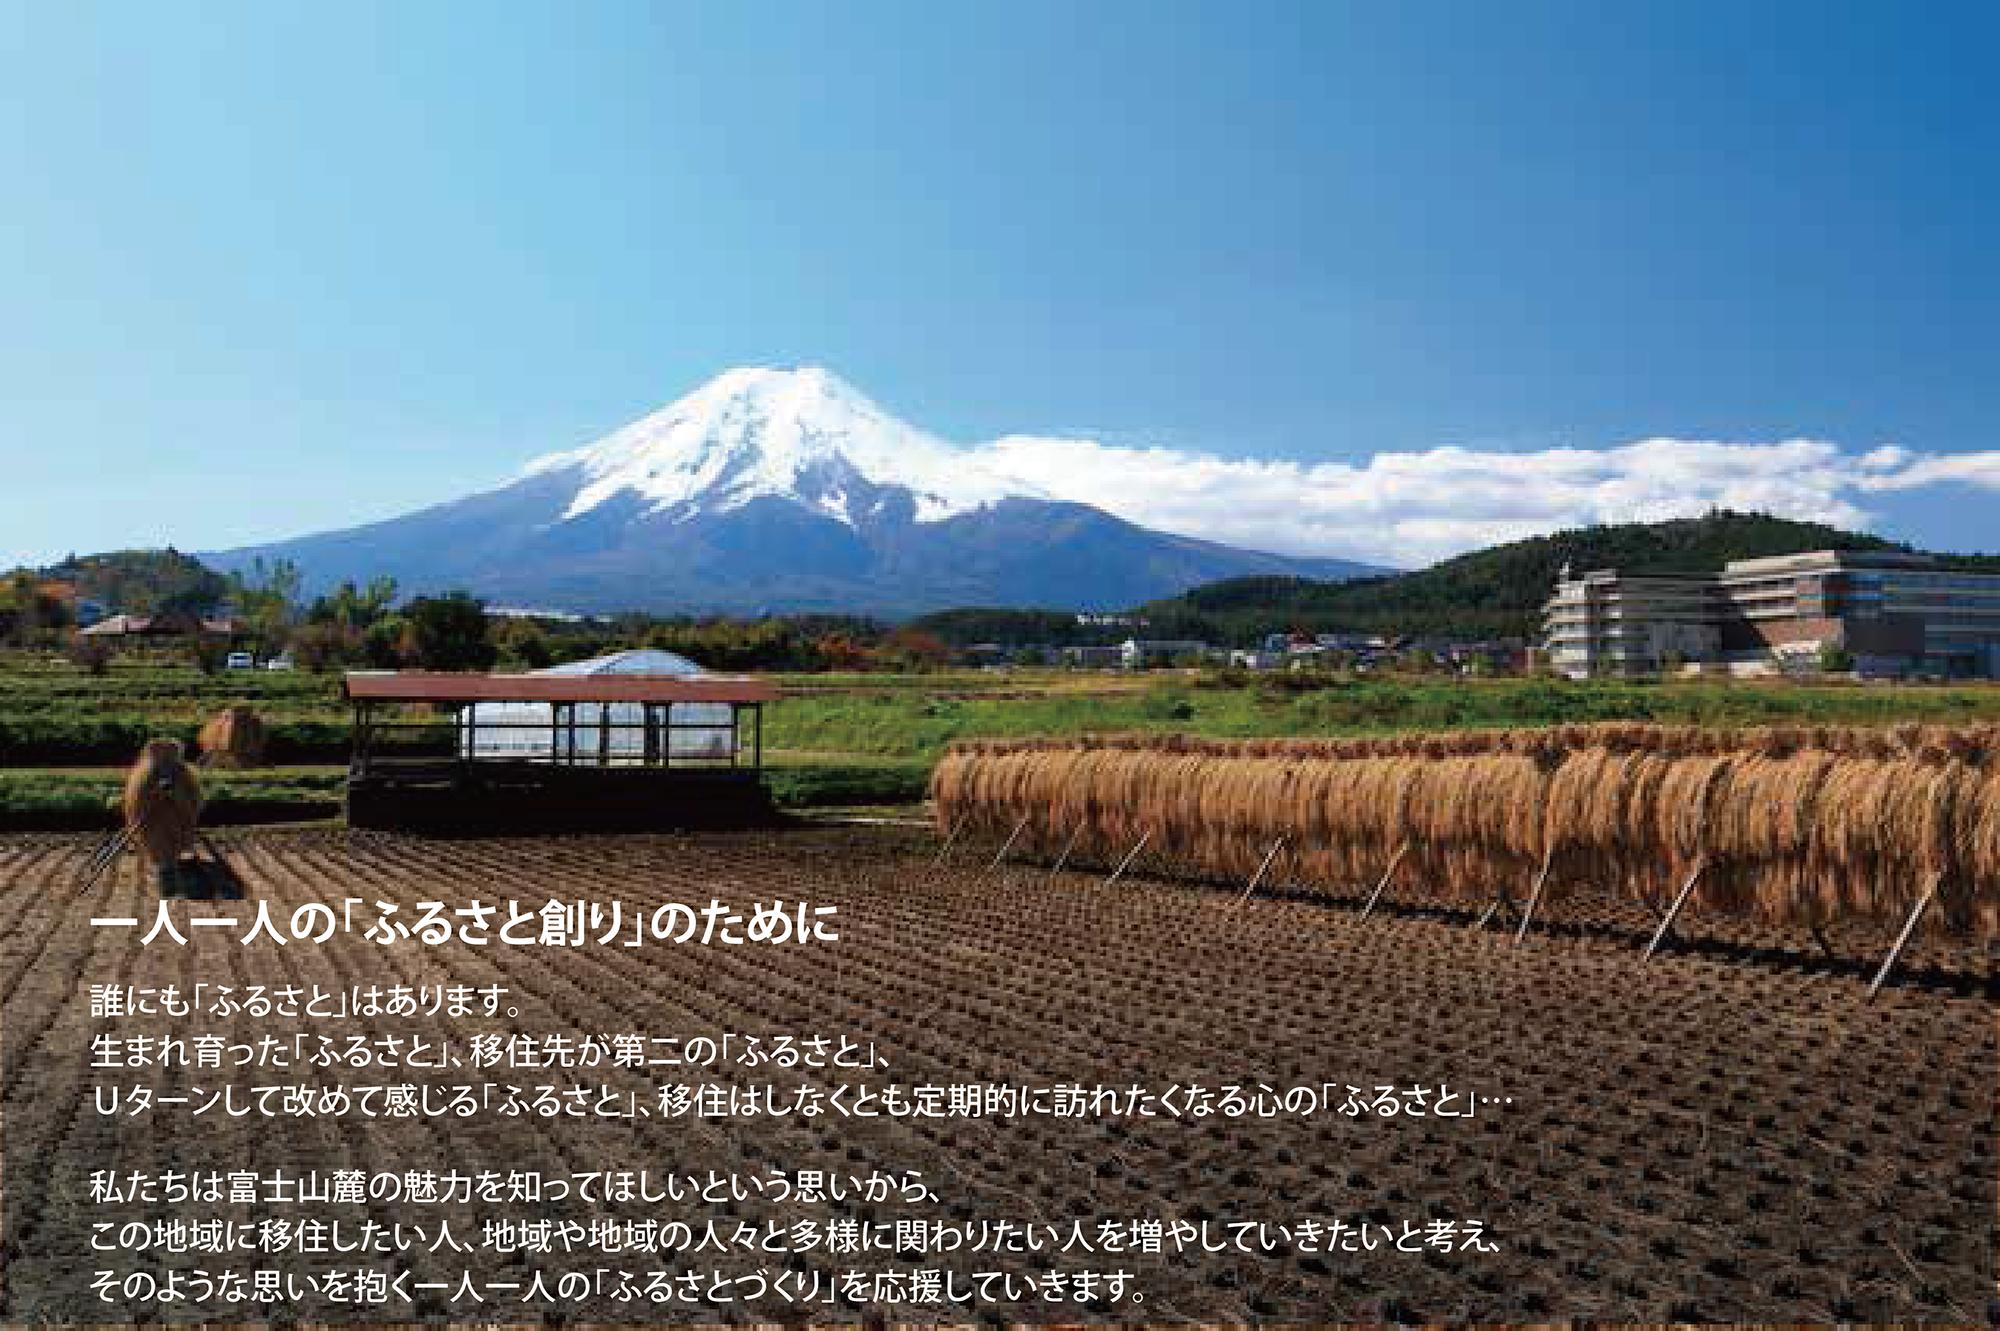 富士山麓への移住を応援します。